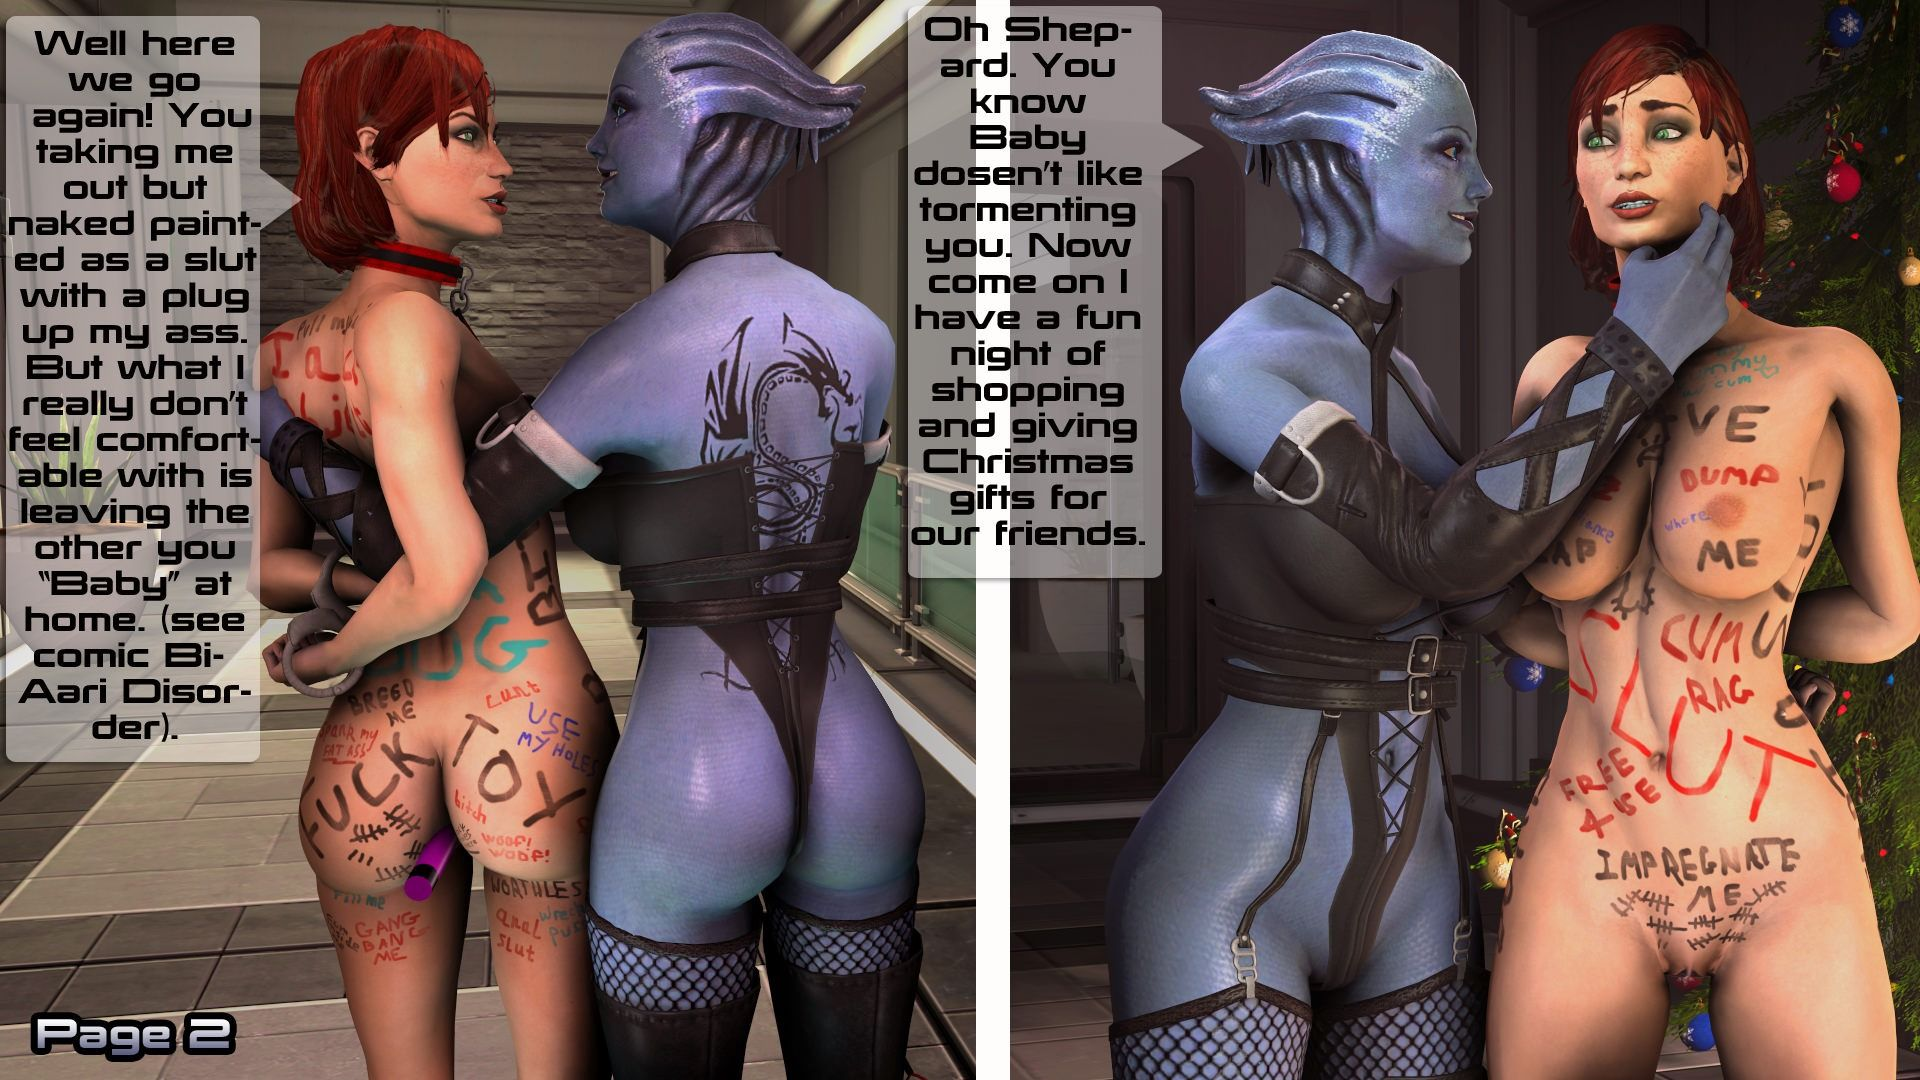 Liara_X-Mass_Gifts!_Ladychi_(Mass_Effect) comix_57835.jpg